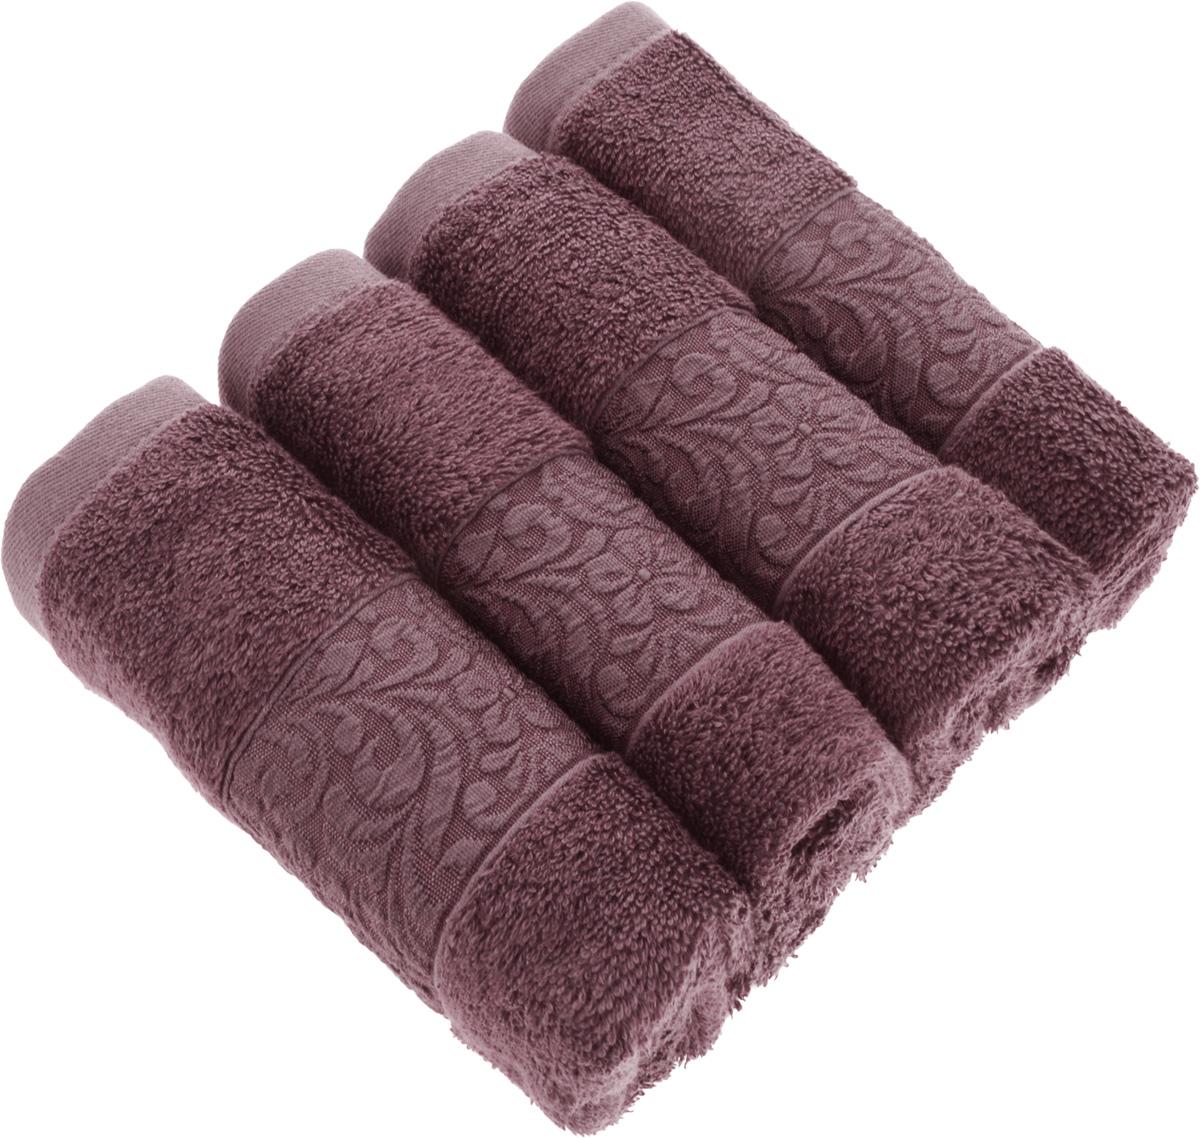 Набор бамбуковых полотенец Issimo Home Valencia, цвет: пыльная роза, 30 x 50 см, 4 шт4771Полотенца Issimo Home Valencia выполнены из 60% бамбукового волокна и 40% хлопка. Такими полотенцами не нужно вытираться - только коснитесь кожи - и ткань сама все впитает. Такая ткань впитывает в 3 раза лучше, чем хлопок. Набор из маленьких полотенец-салфеток очень практичен - он станет незаменимым в дороге и в путешествиях. Кроме того, это хороший, красивый и изысканный подарок. Несмотря на богатую плотность и высокую петлю полотенец, они быстро сохнут, остаются легкими даже при намокании. Набор бамбуковых полотенец имеет красивый жаккардовый бордюр, выполненный с орнаментом в цвет изделия. Благородные, классические тона создадут уют и подчеркнут лучшие качества махровой ткани, а сочные, яркие, летние оттенки создадут ощущение праздника и наполнят дом энергией. Красивая, стильная упаковка этих полотенец делает их уже готовым подарком к любому случаю.